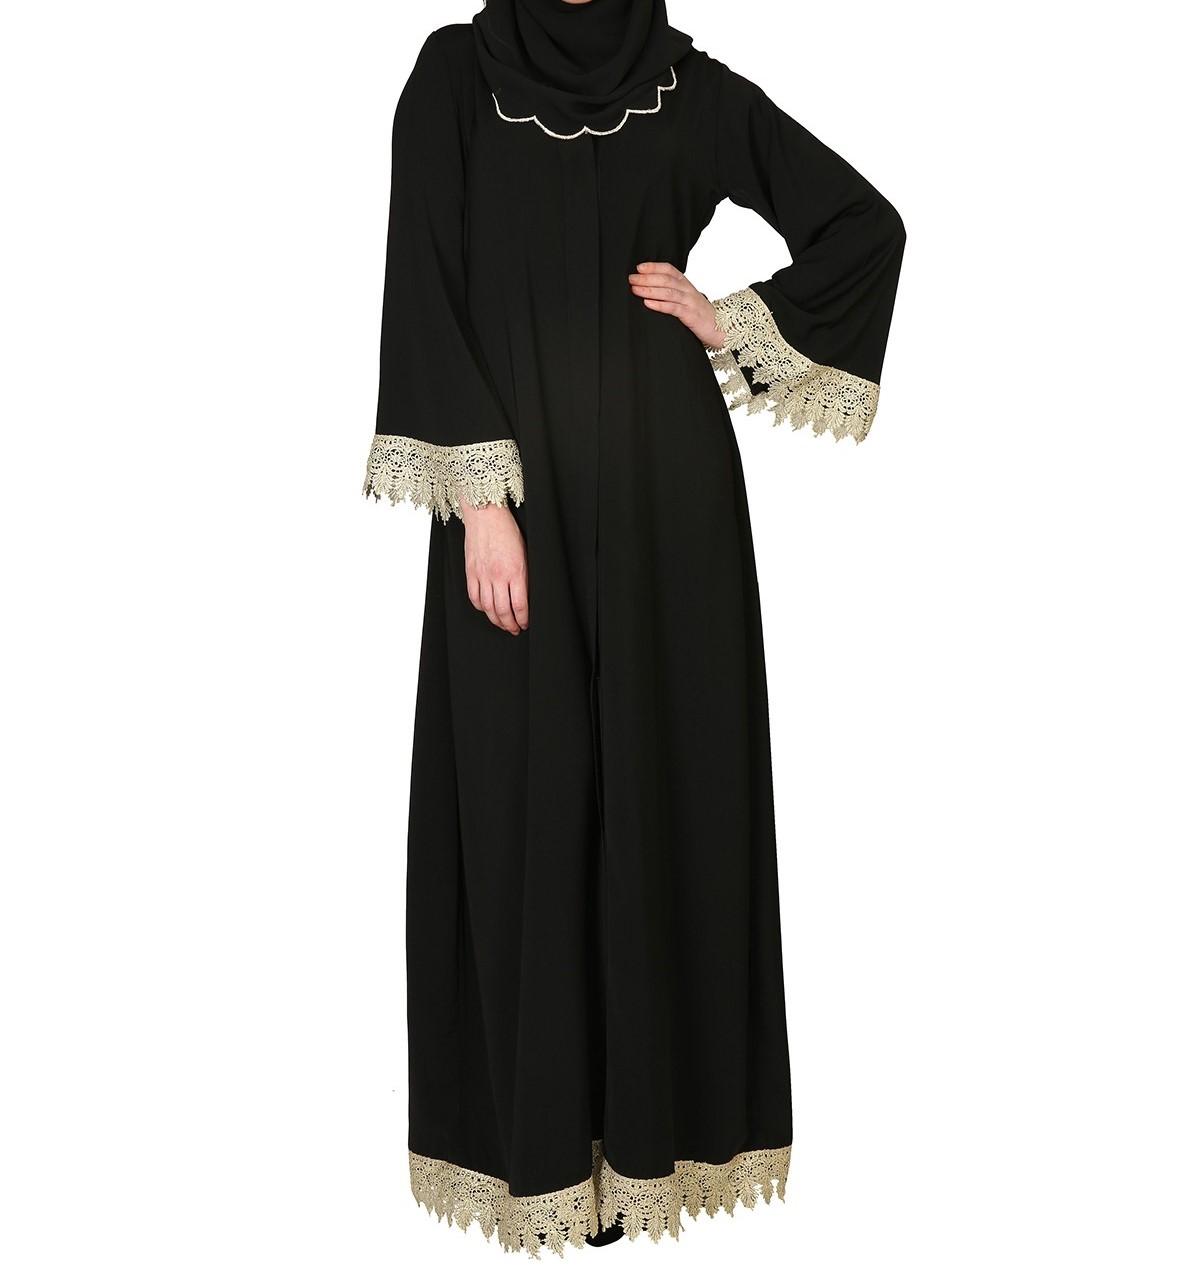 e35c10dd90581 العبايات السوداء بتصاميم مميزة لامرأة أكثر جاذبية